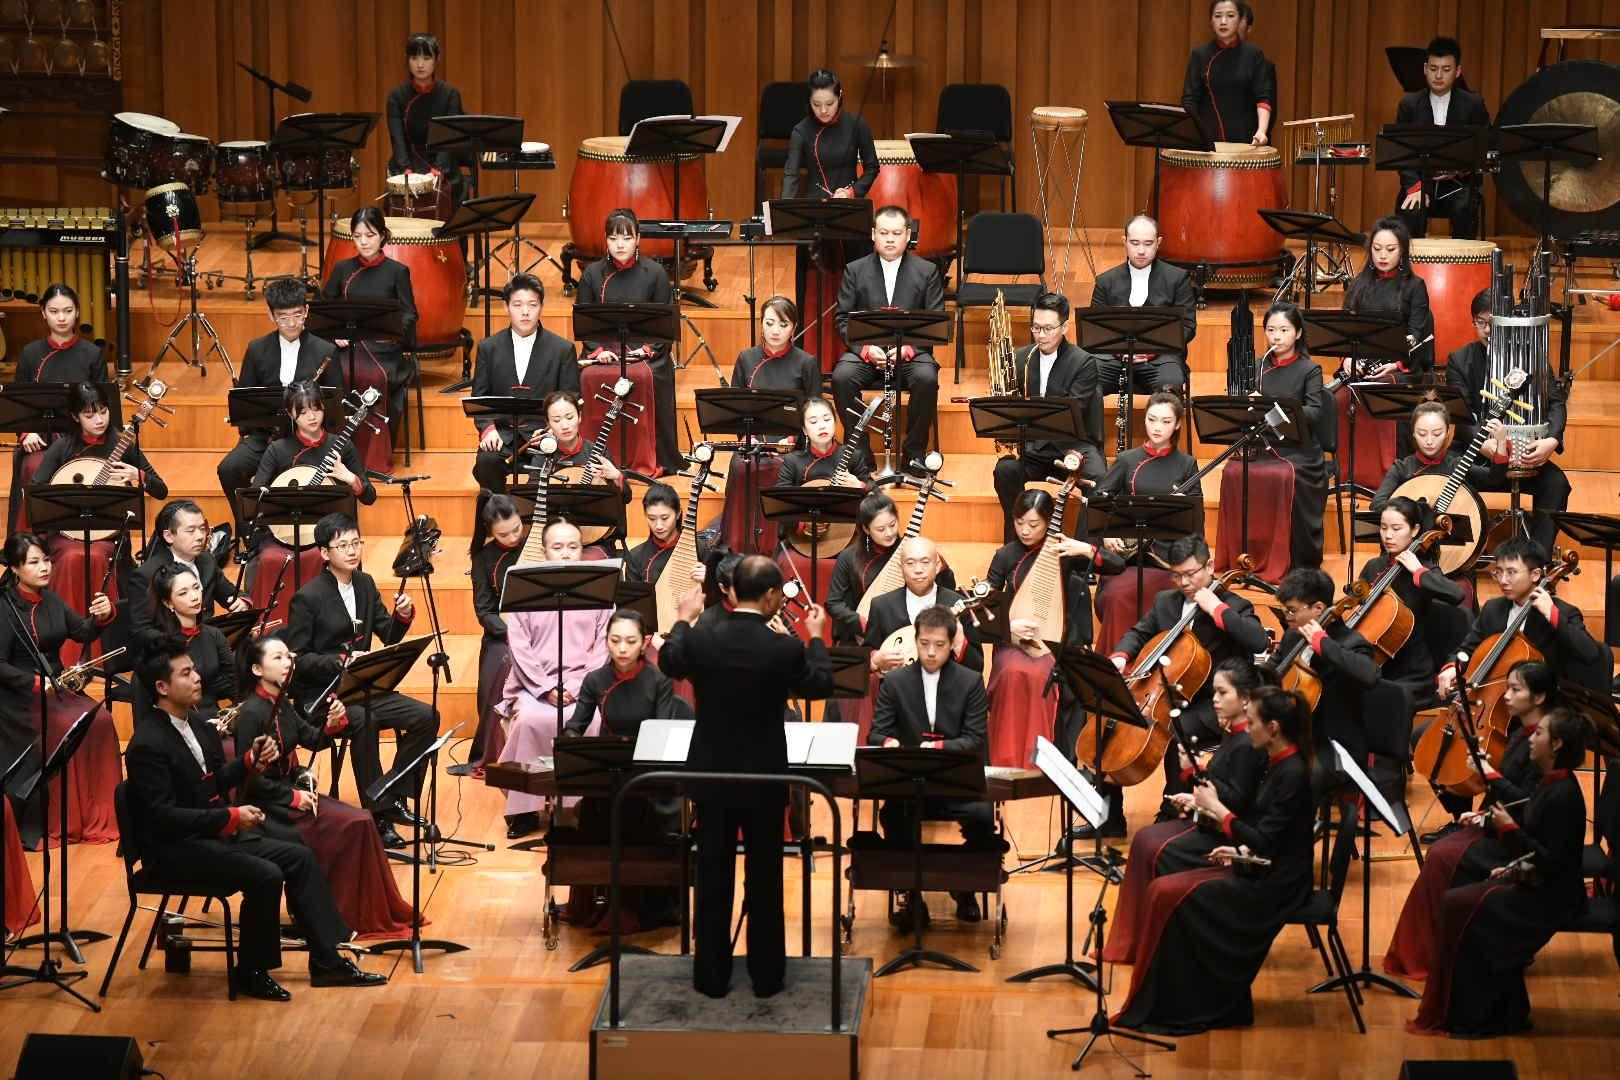 国家大剧院首演管弦乐组曲《中轴》图片